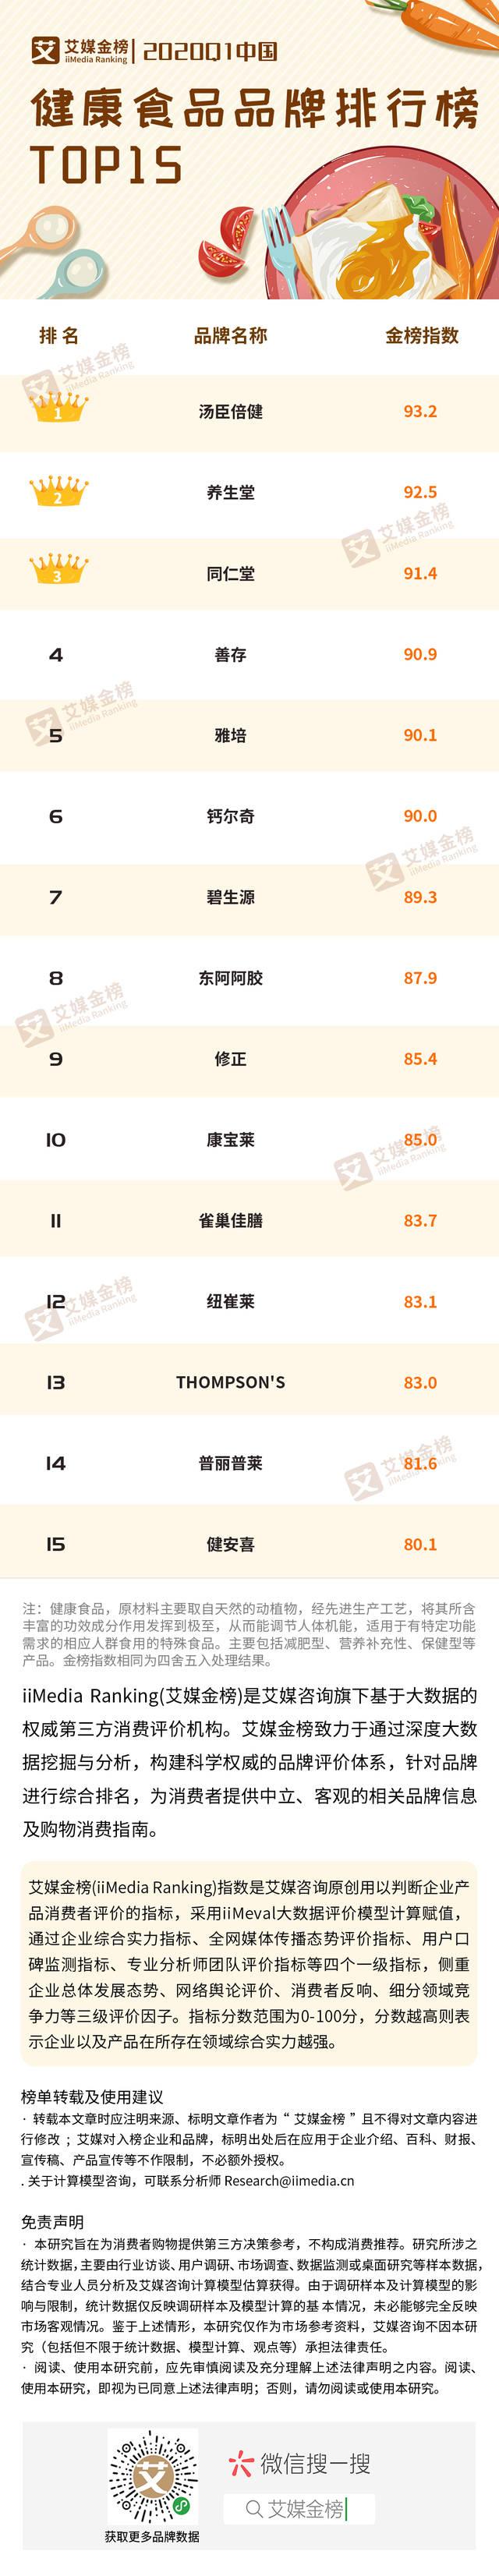 2020Q1中国健康食品品牌排行榜TOP15